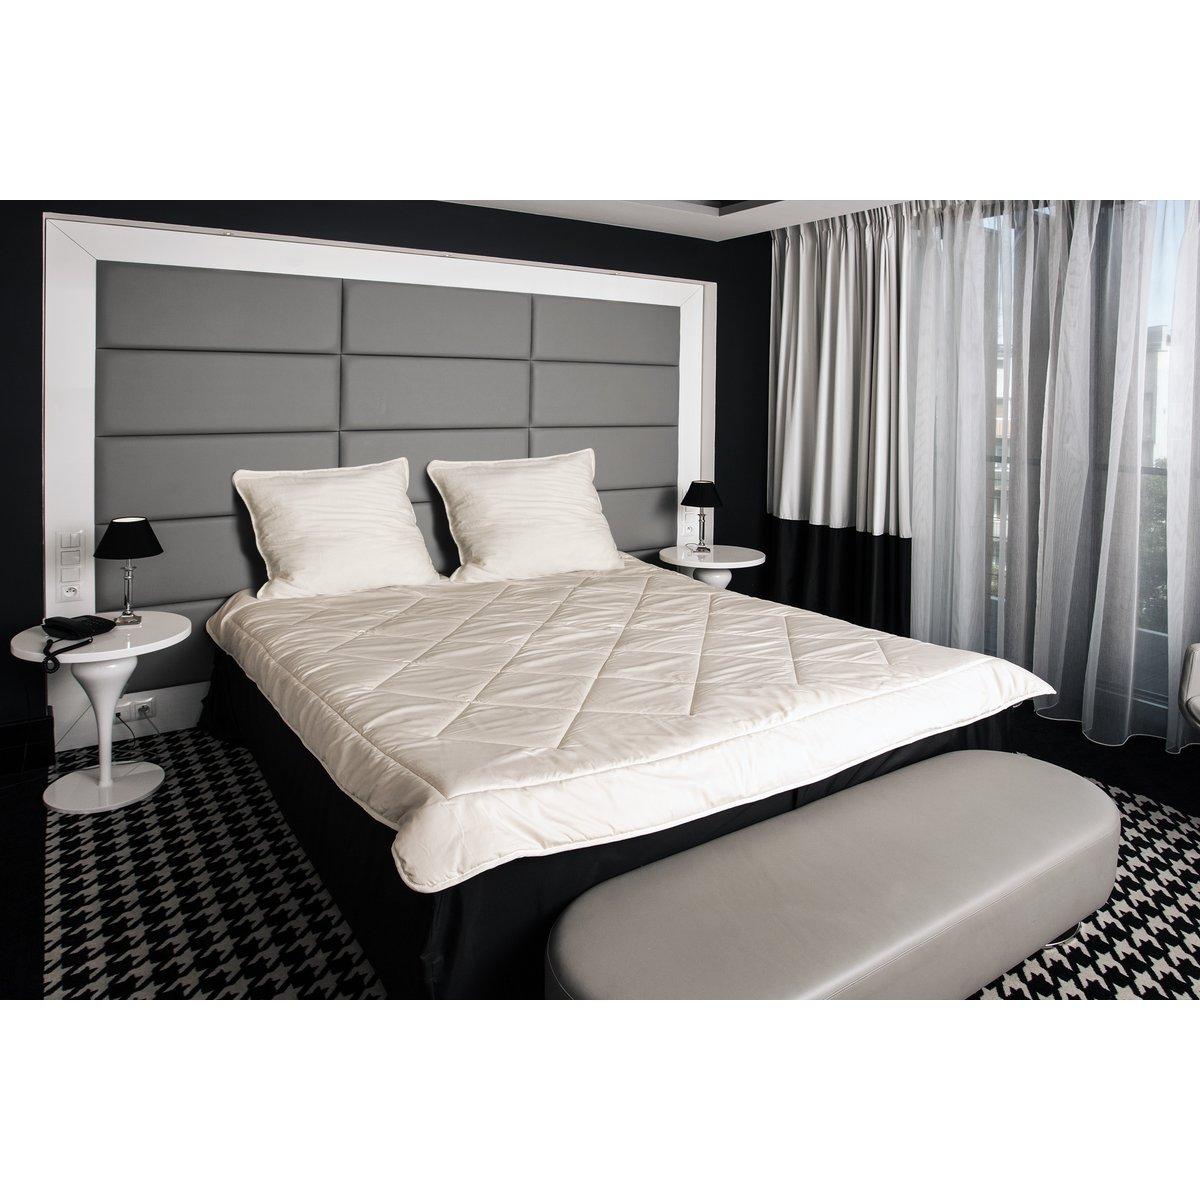 bettdecken eigenschaften schonbez ge bettdecken lidl lattenroste schlafzimmer mit dachschr ge. Black Bedroom Furniture Sets. Home Design Ideas